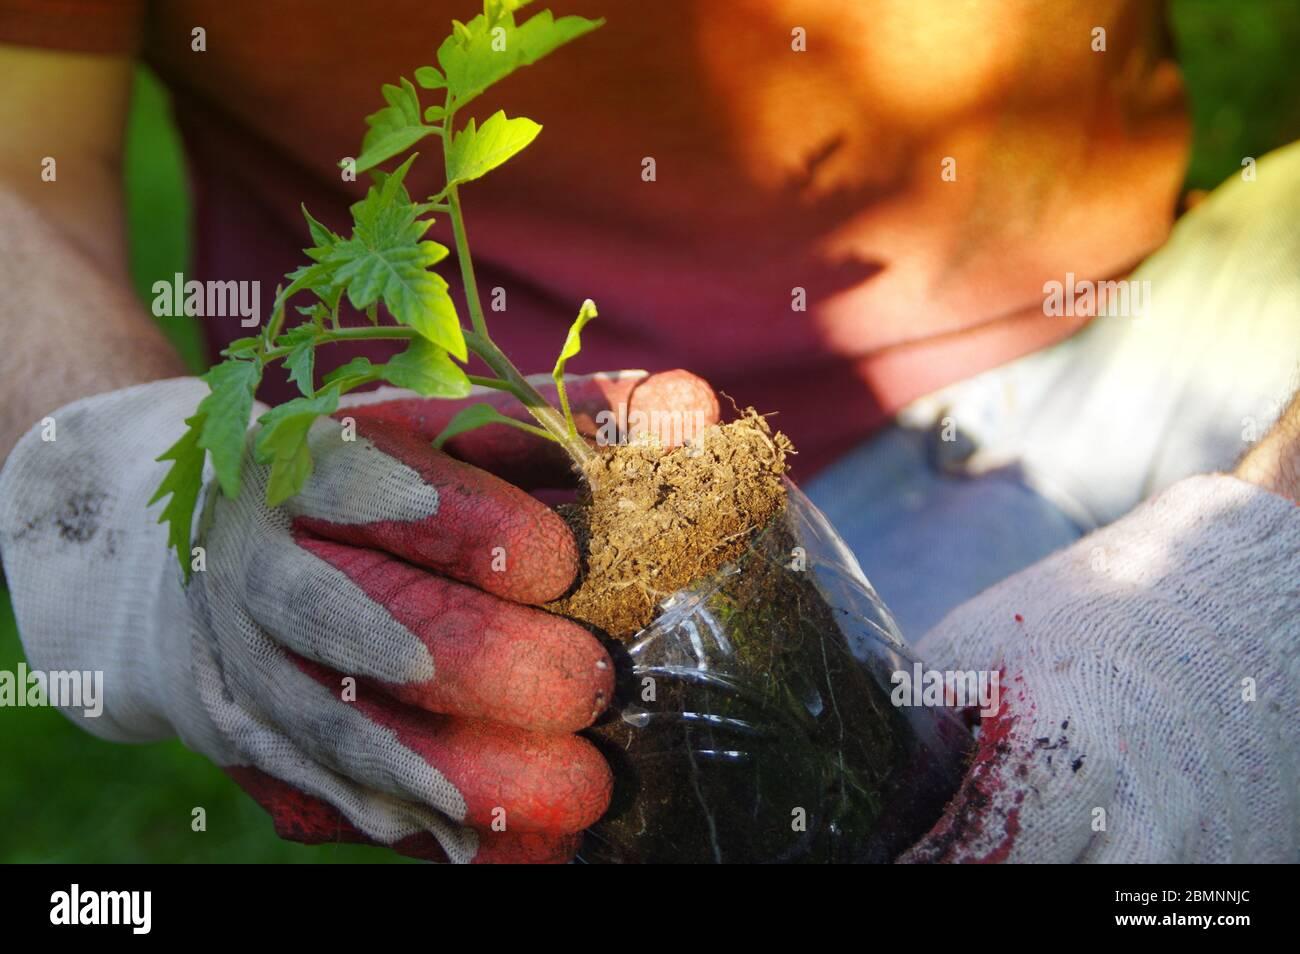 Plantando a mano en el jardín de la casa. Jardinería orgánica y un estilo de vida saludable. El hombre cuida de una pequeña planta de semillero. Foto de stock